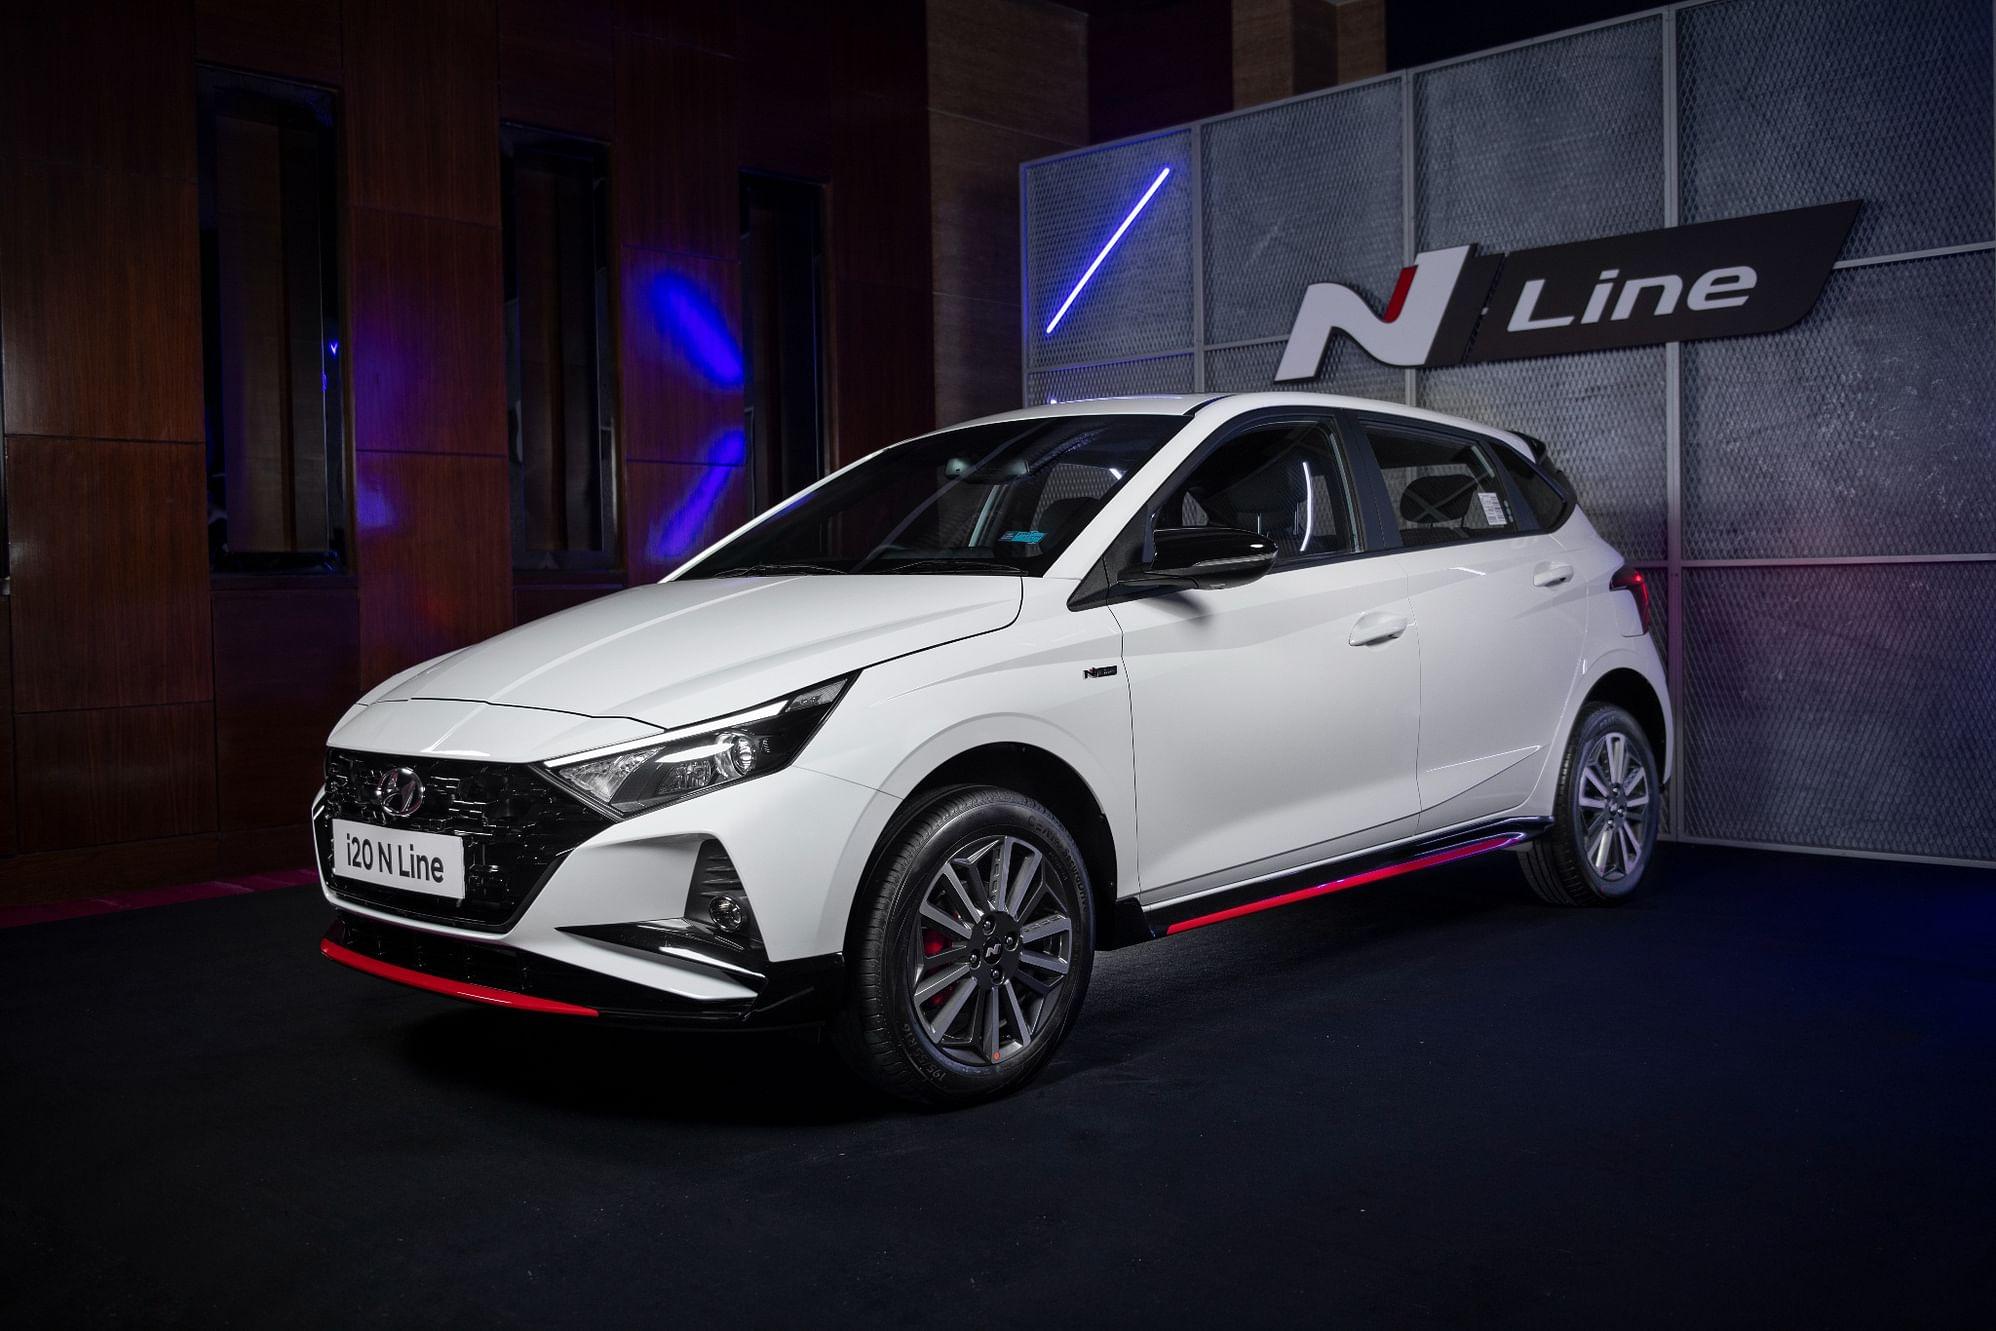 2021 Hyundai i20 N Line revealed front